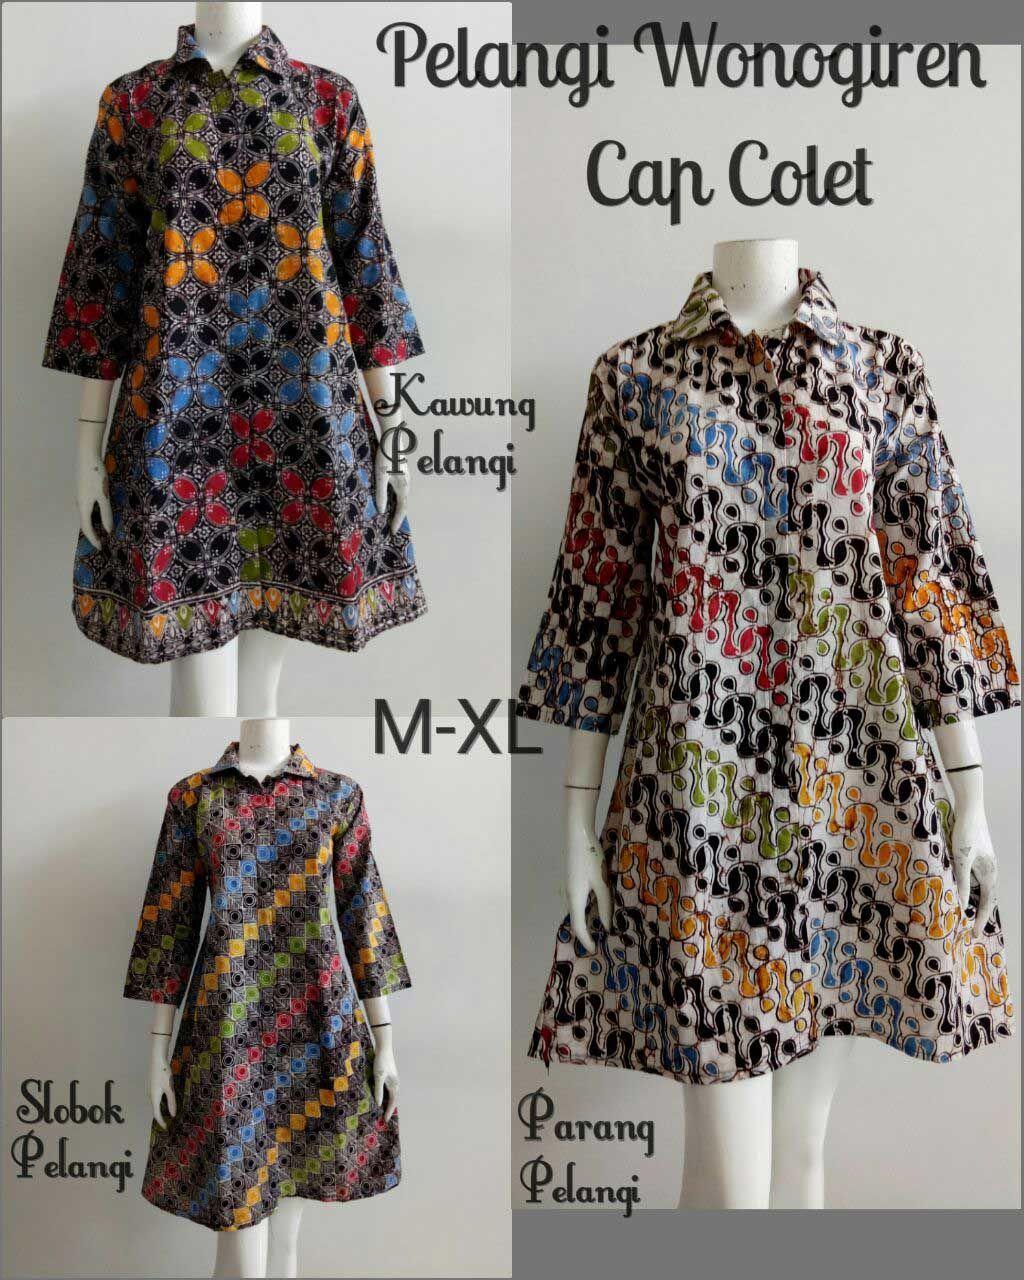 55 Desain Baju Batik Wanita Modern Terbaru di 2020 ...